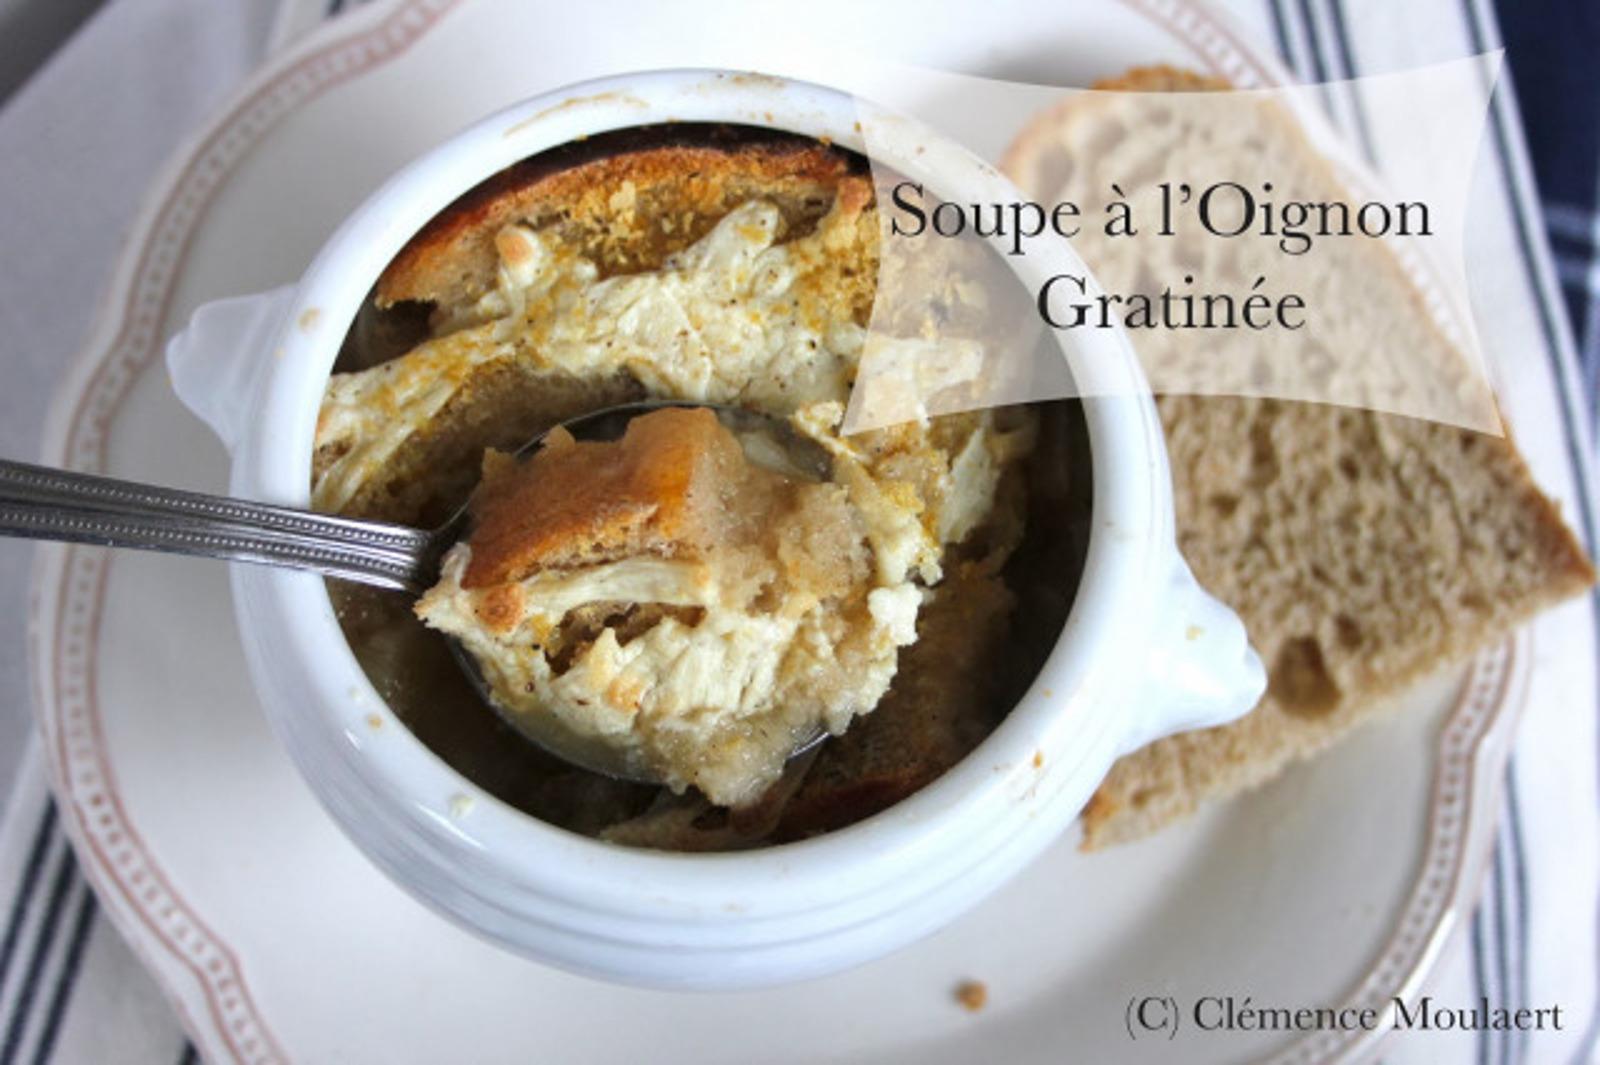 Soupe Al Oignon